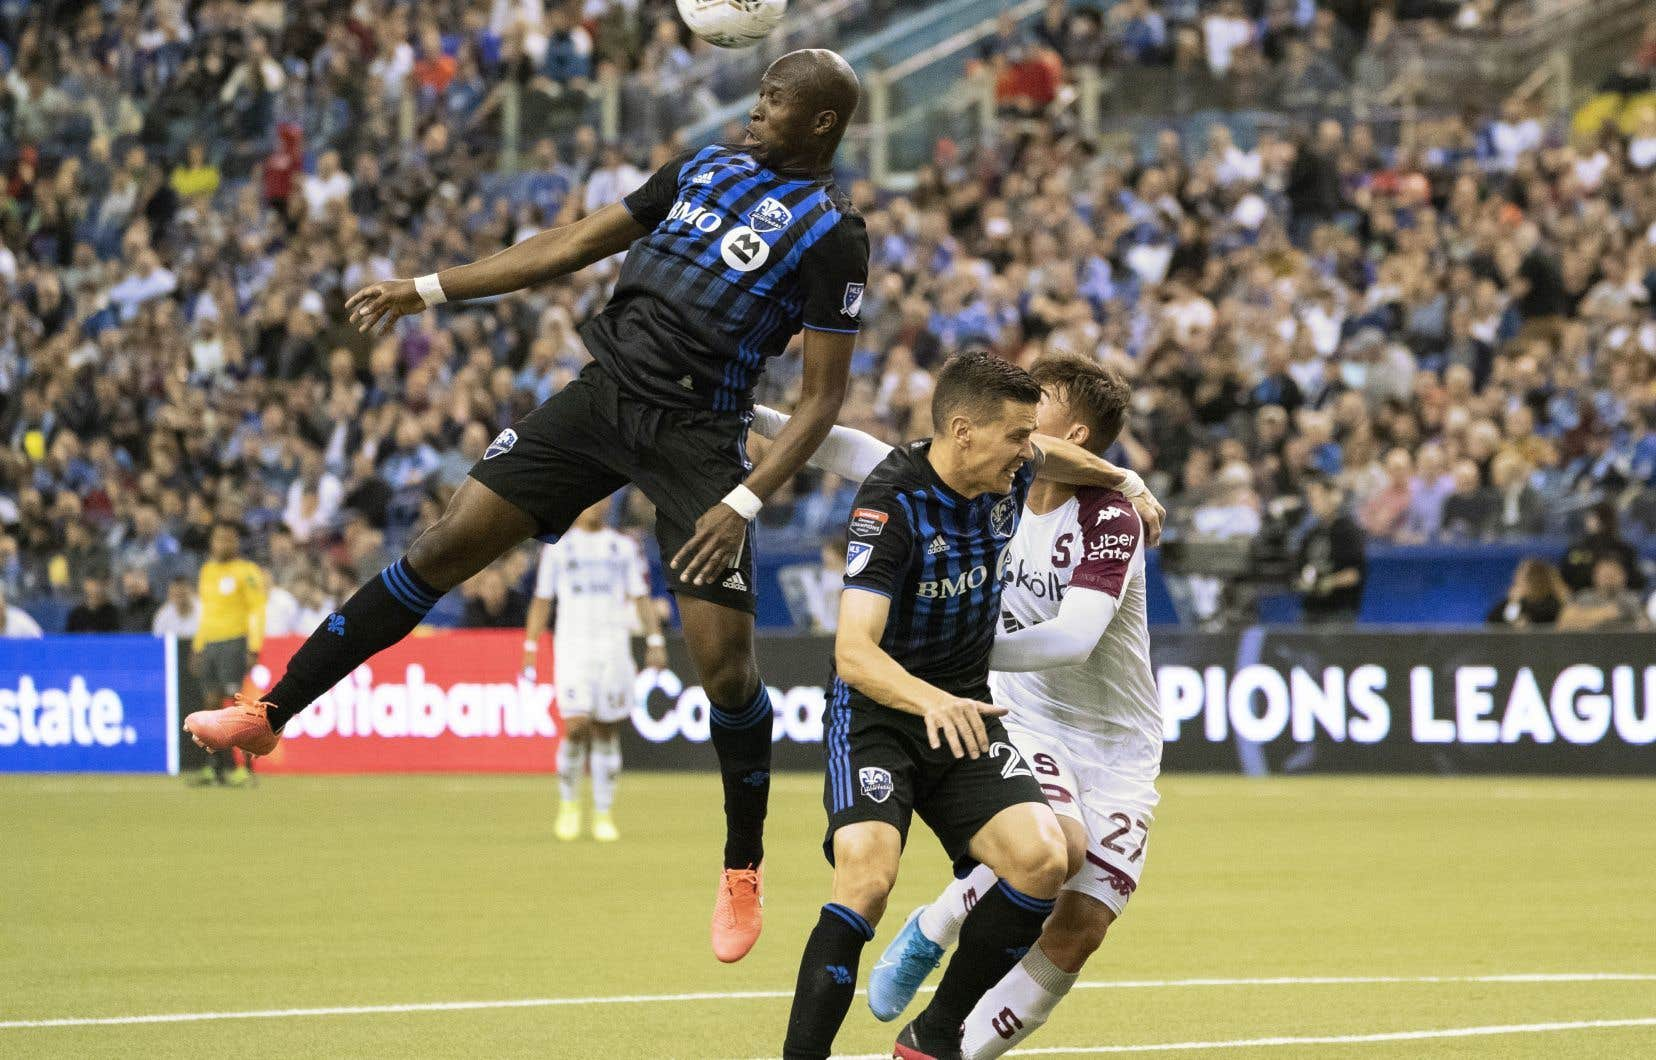 L'Impact de Montréal a su tenir le coup devant le Deportivo Saprissaqui a contrôlé le ballon et passé une grande partie du match en territoire adverse.